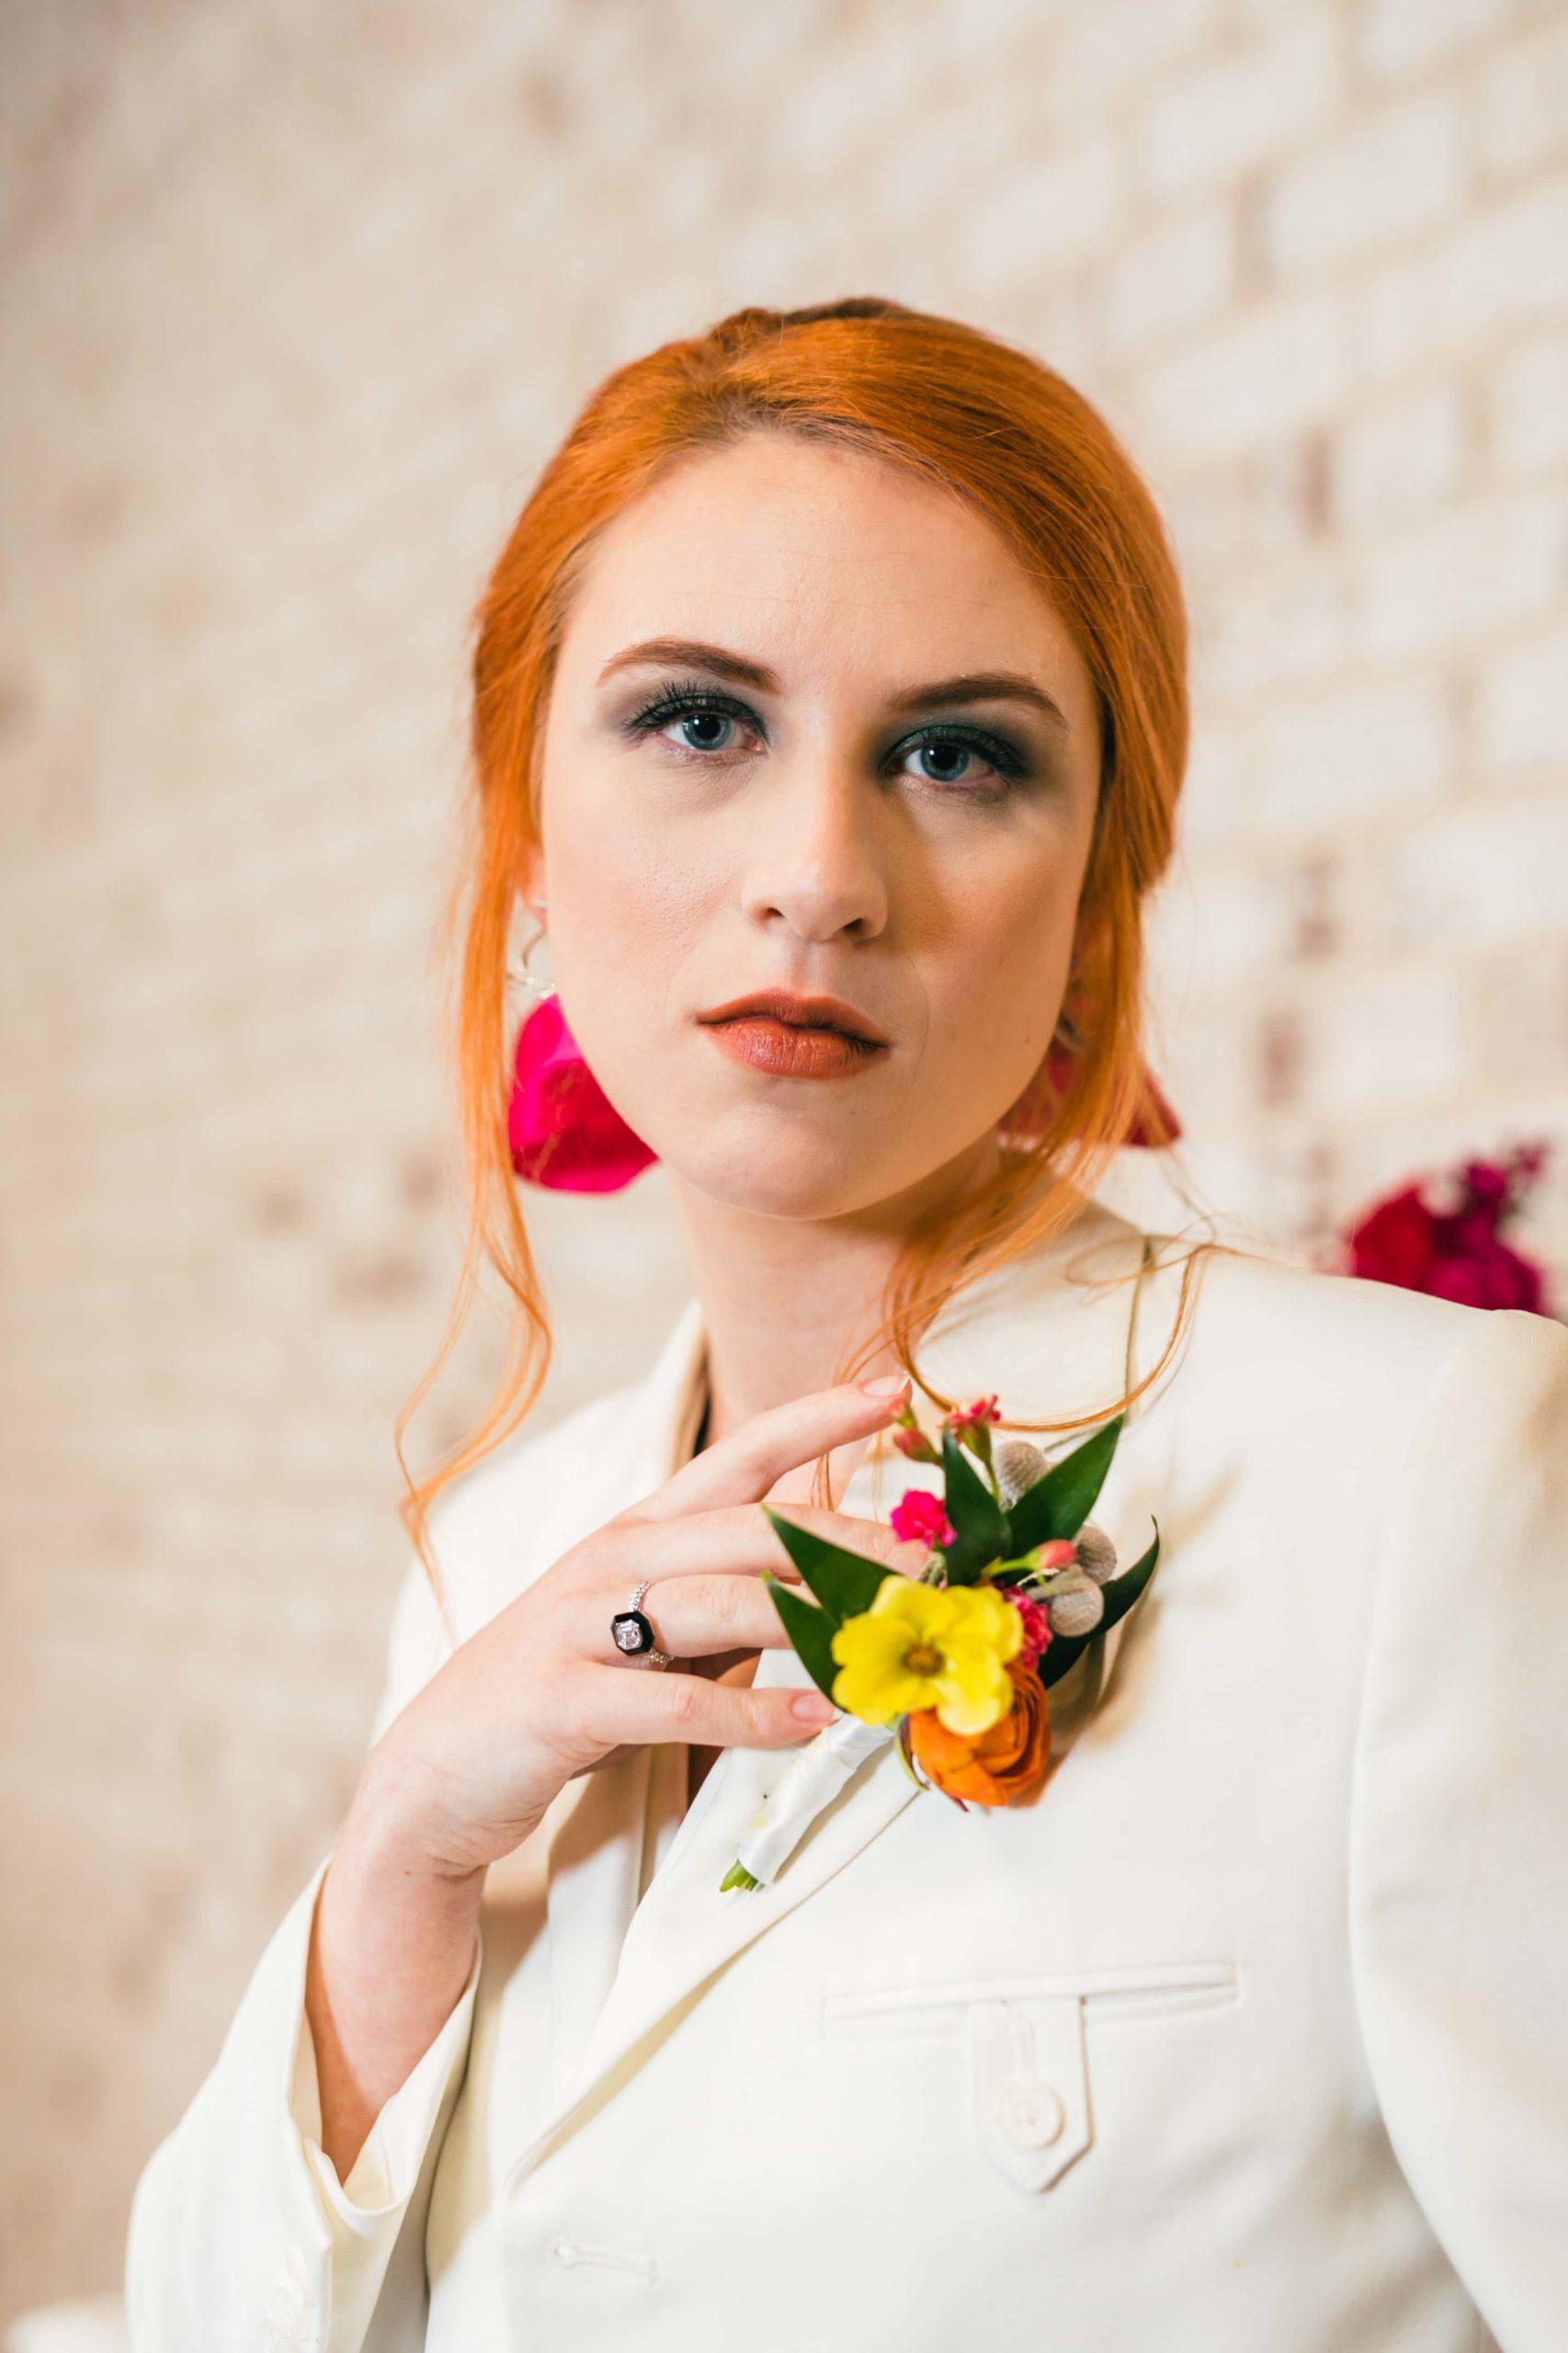 Brick-and-ivey-styled-shoot-atlanta-wedding-photographers-lsc00720